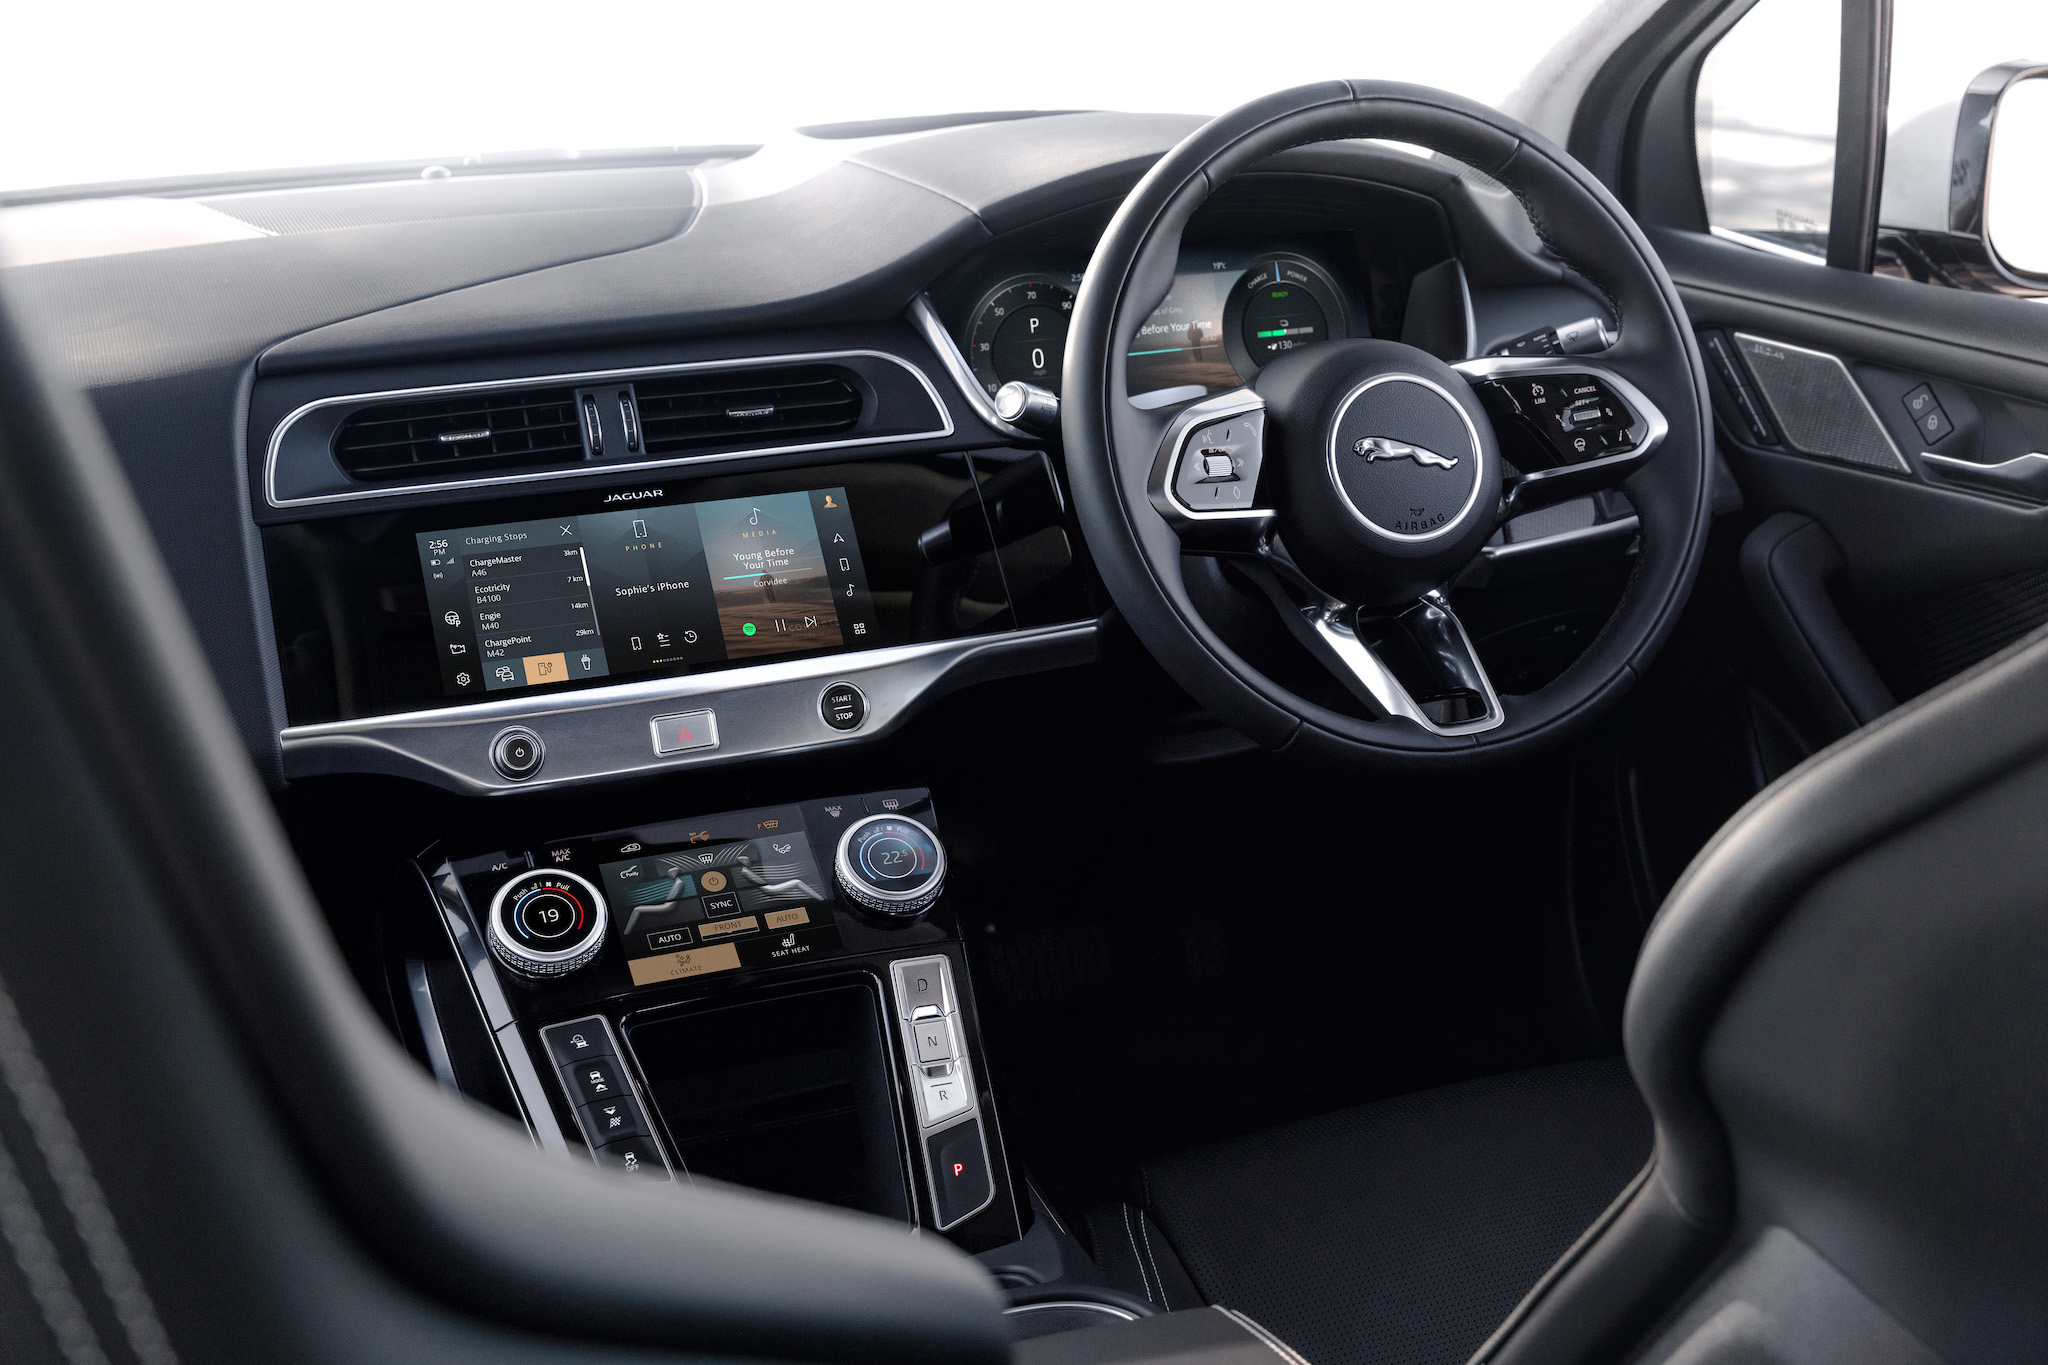 2021 年式 I-Pace 是 Jaguar 品牌首款搭載 JLR 集團最新的Pivi Pro 資訊娛樂系統。